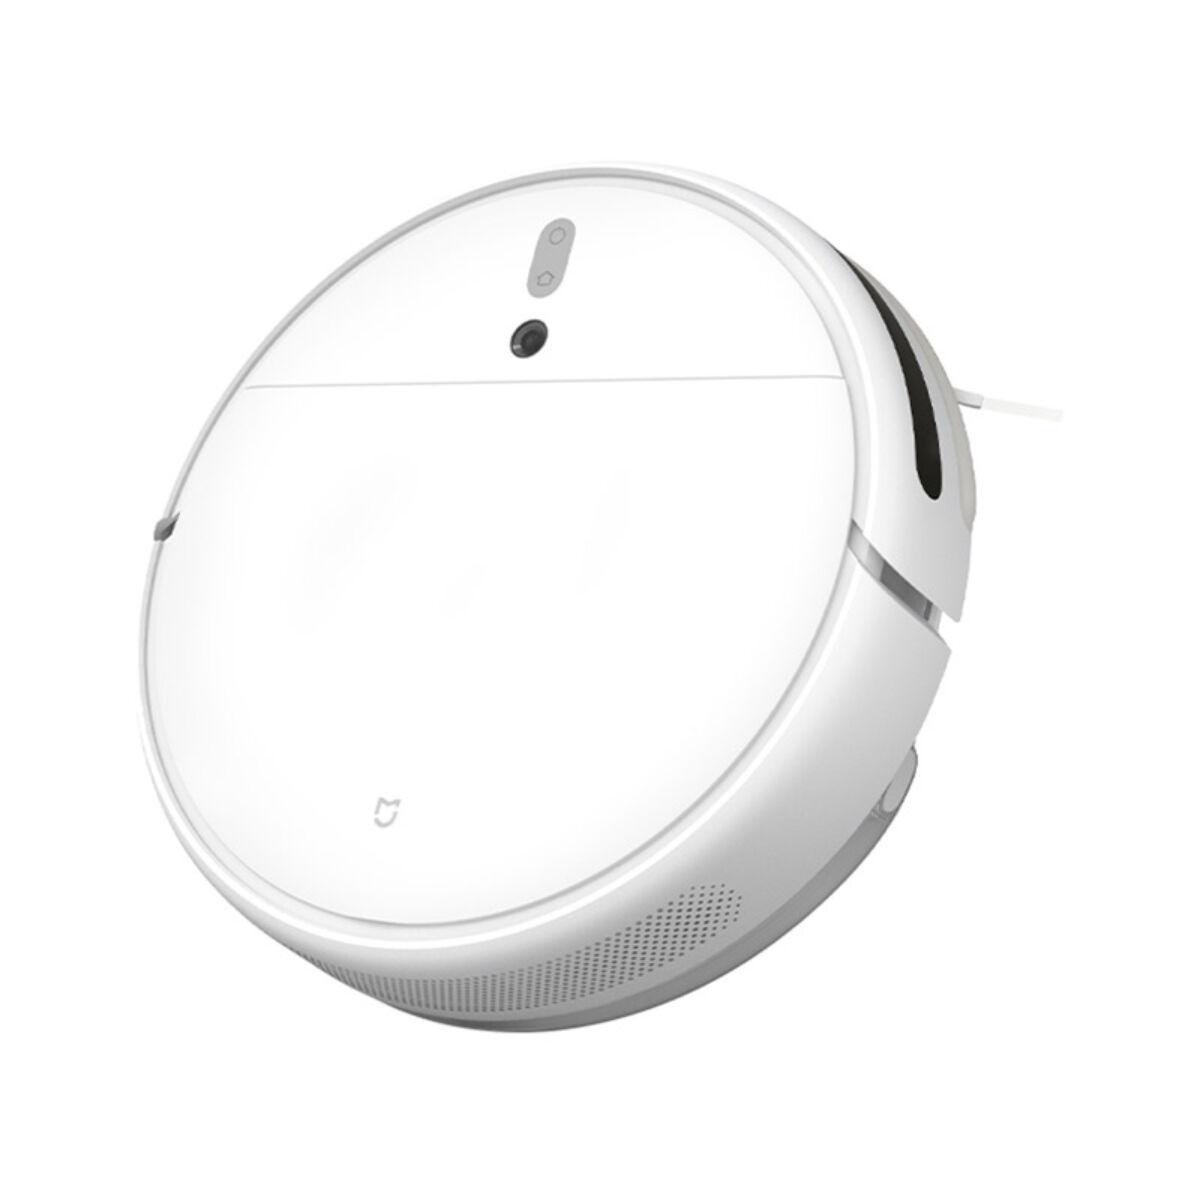 Xiaomi Mi Robot Mop Vacuum robotporszívó 1C, fehér EU SKV4093GL